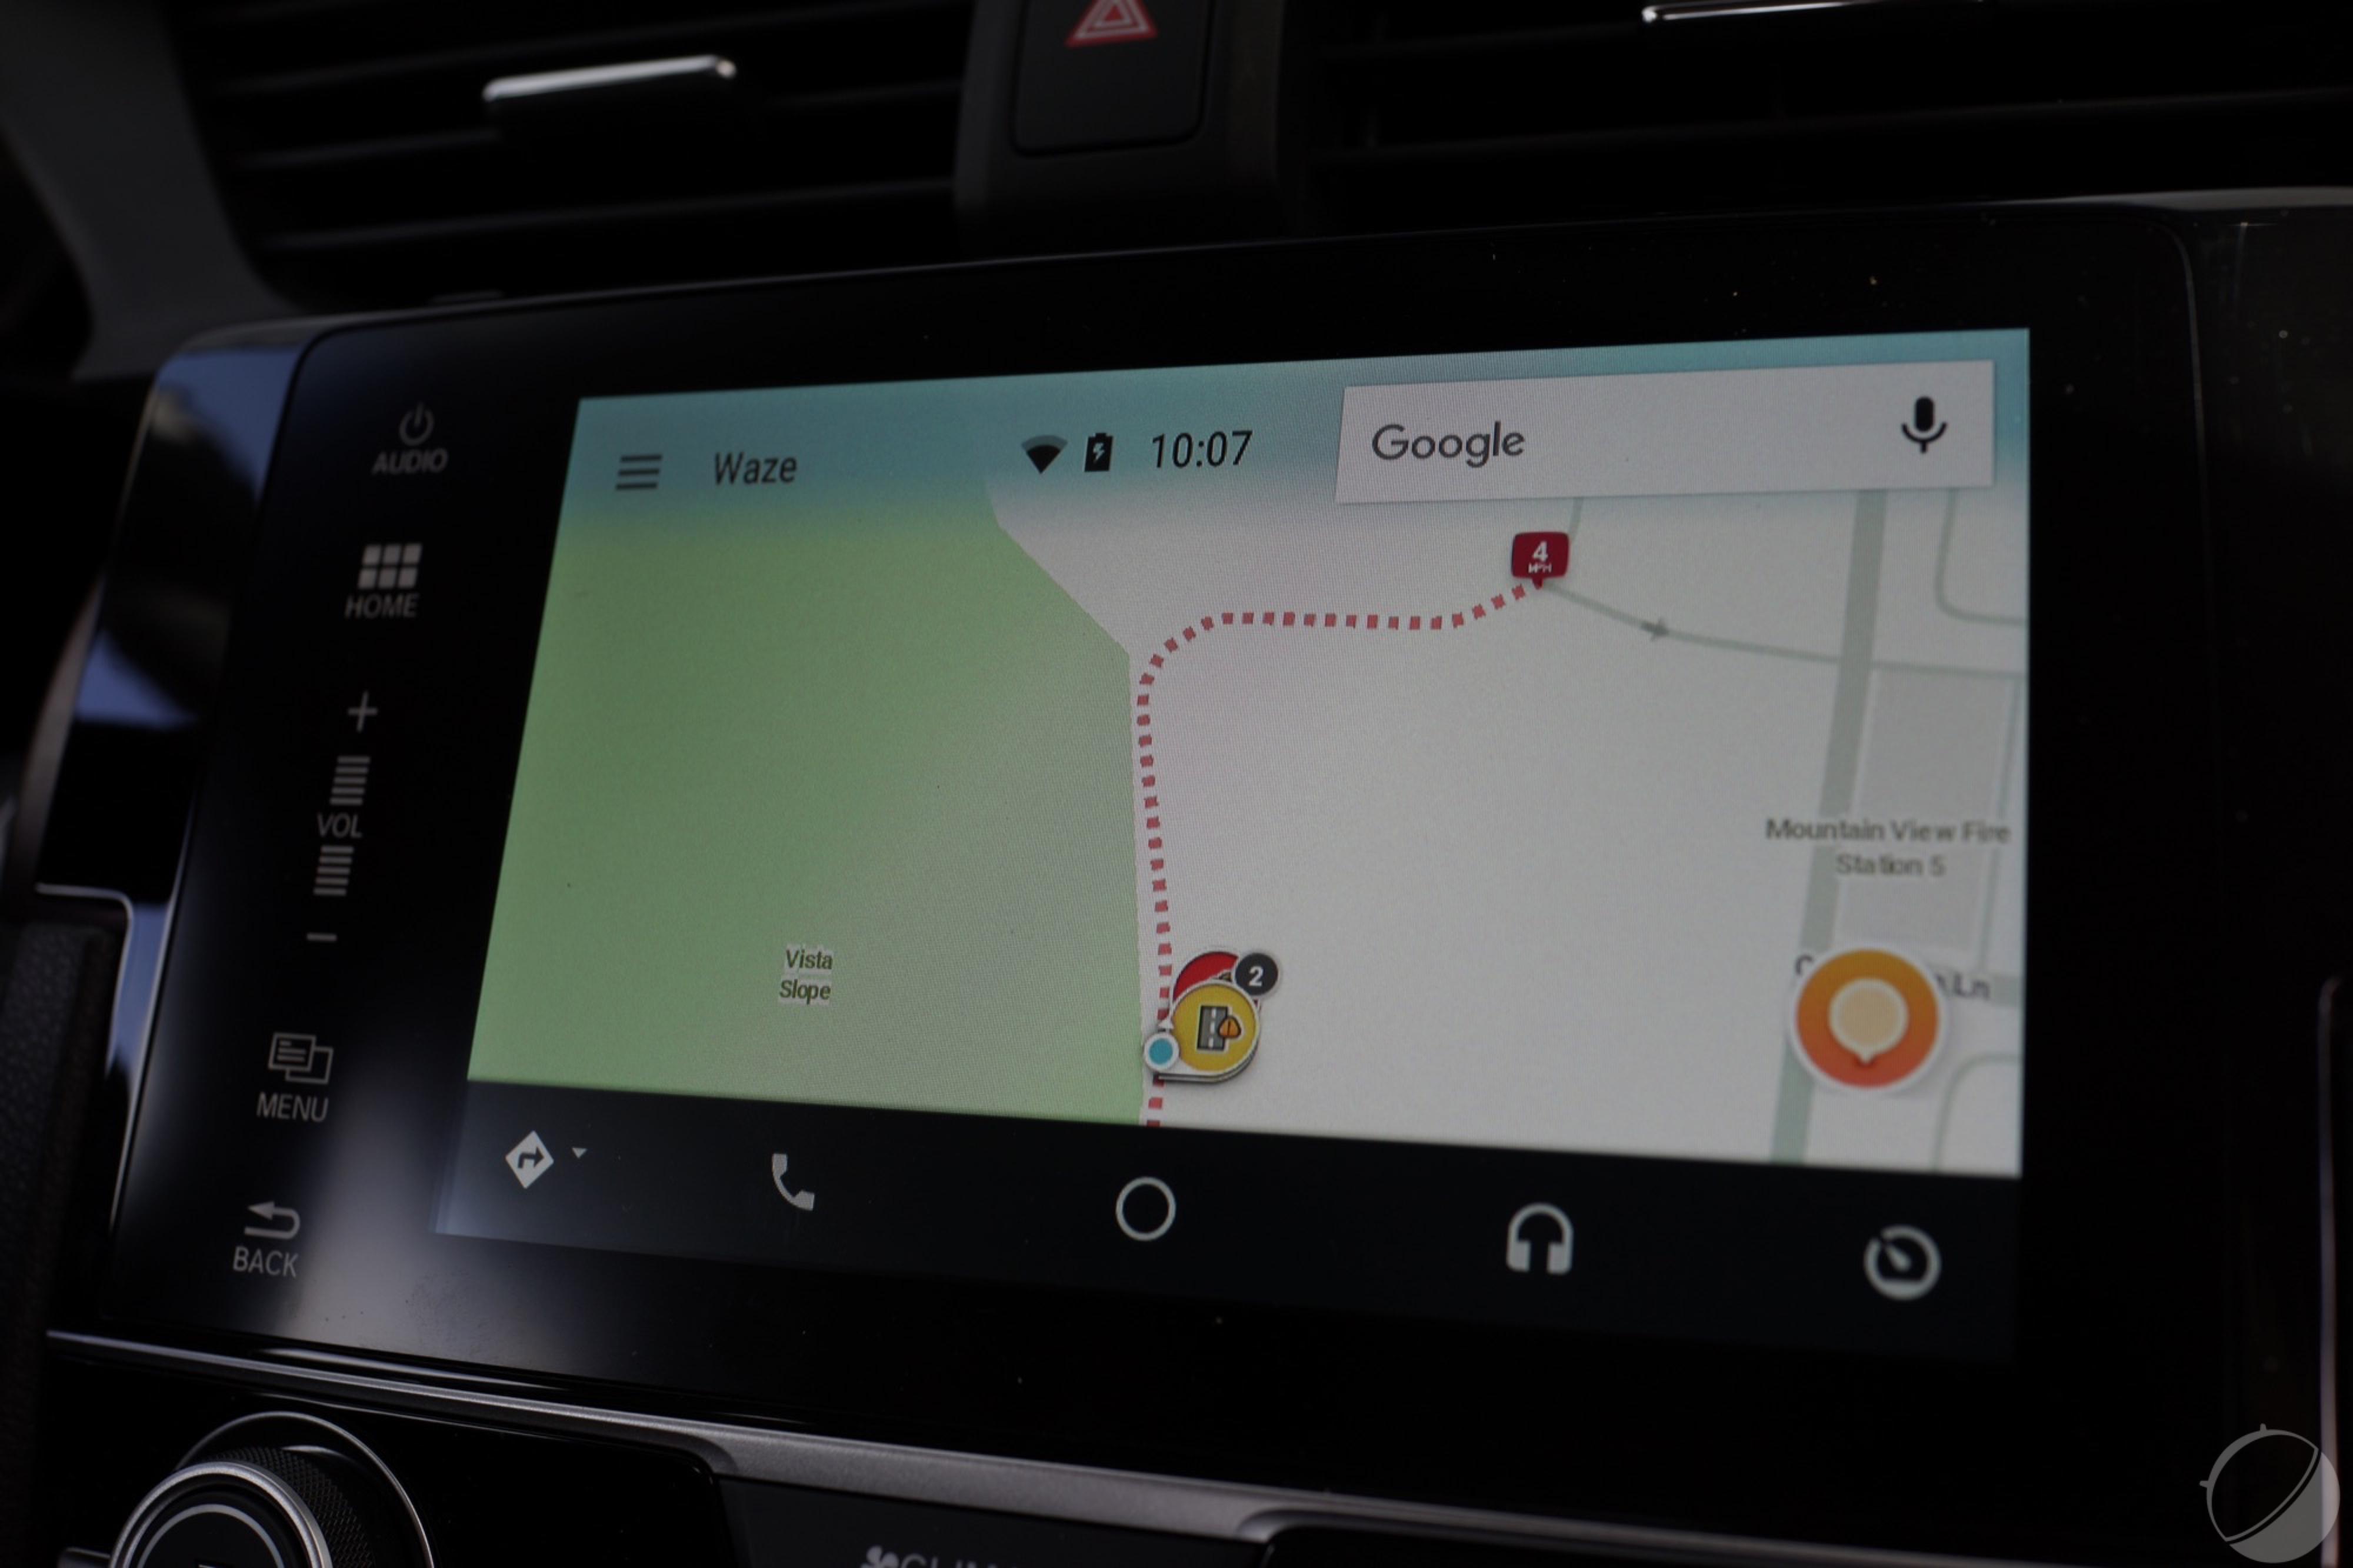 waze sur android auto les premi res images de l 39 interface frandroid. Black Bedroom Furniture Sets. Home Design Ideas